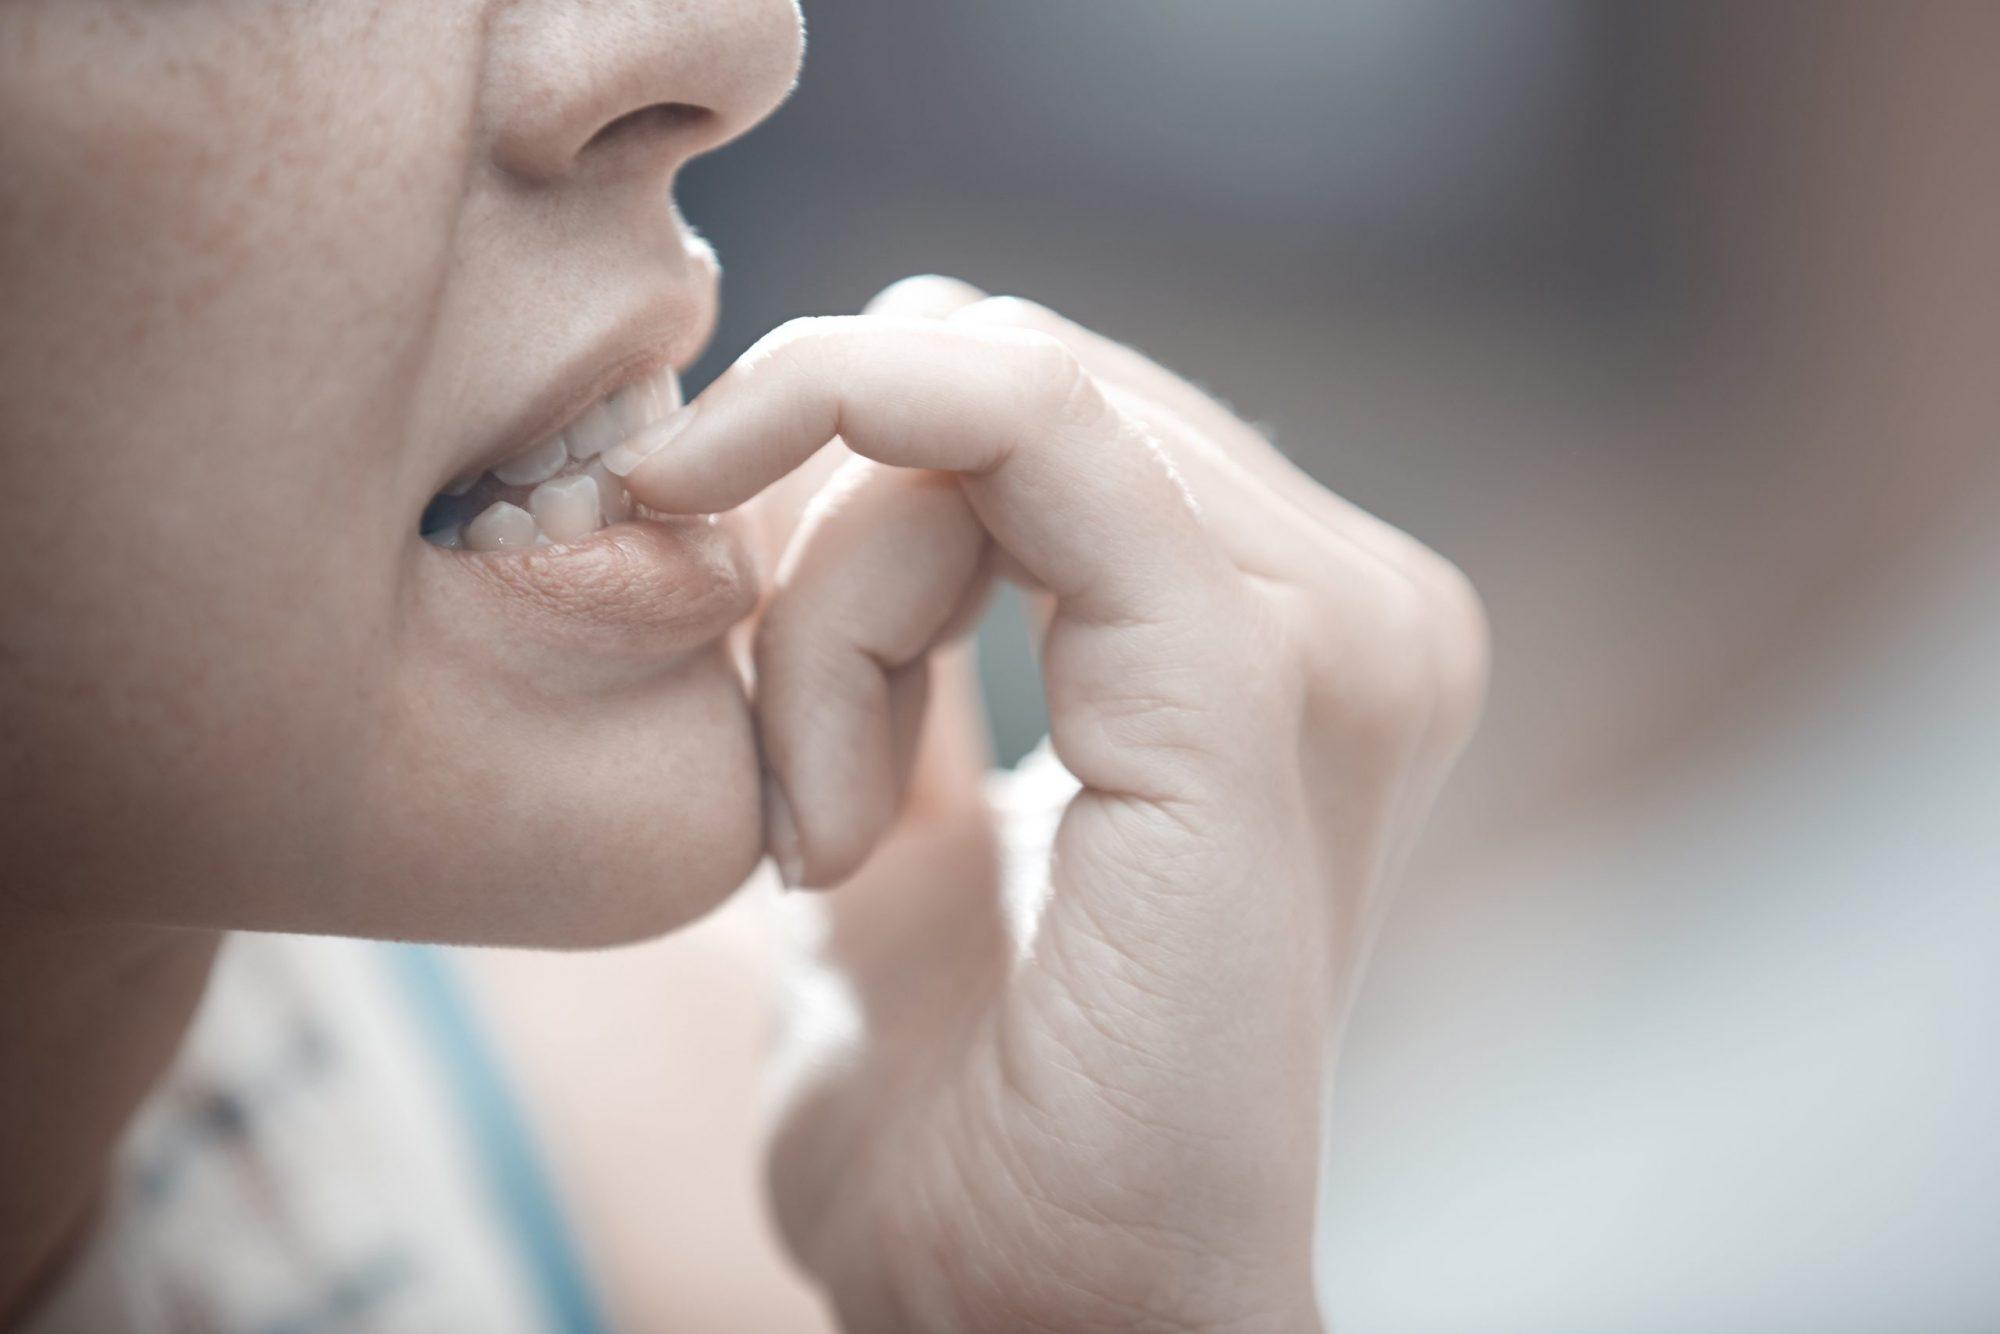 Ansiedade: sintomas, tratamentos e como lidar com o transtorno